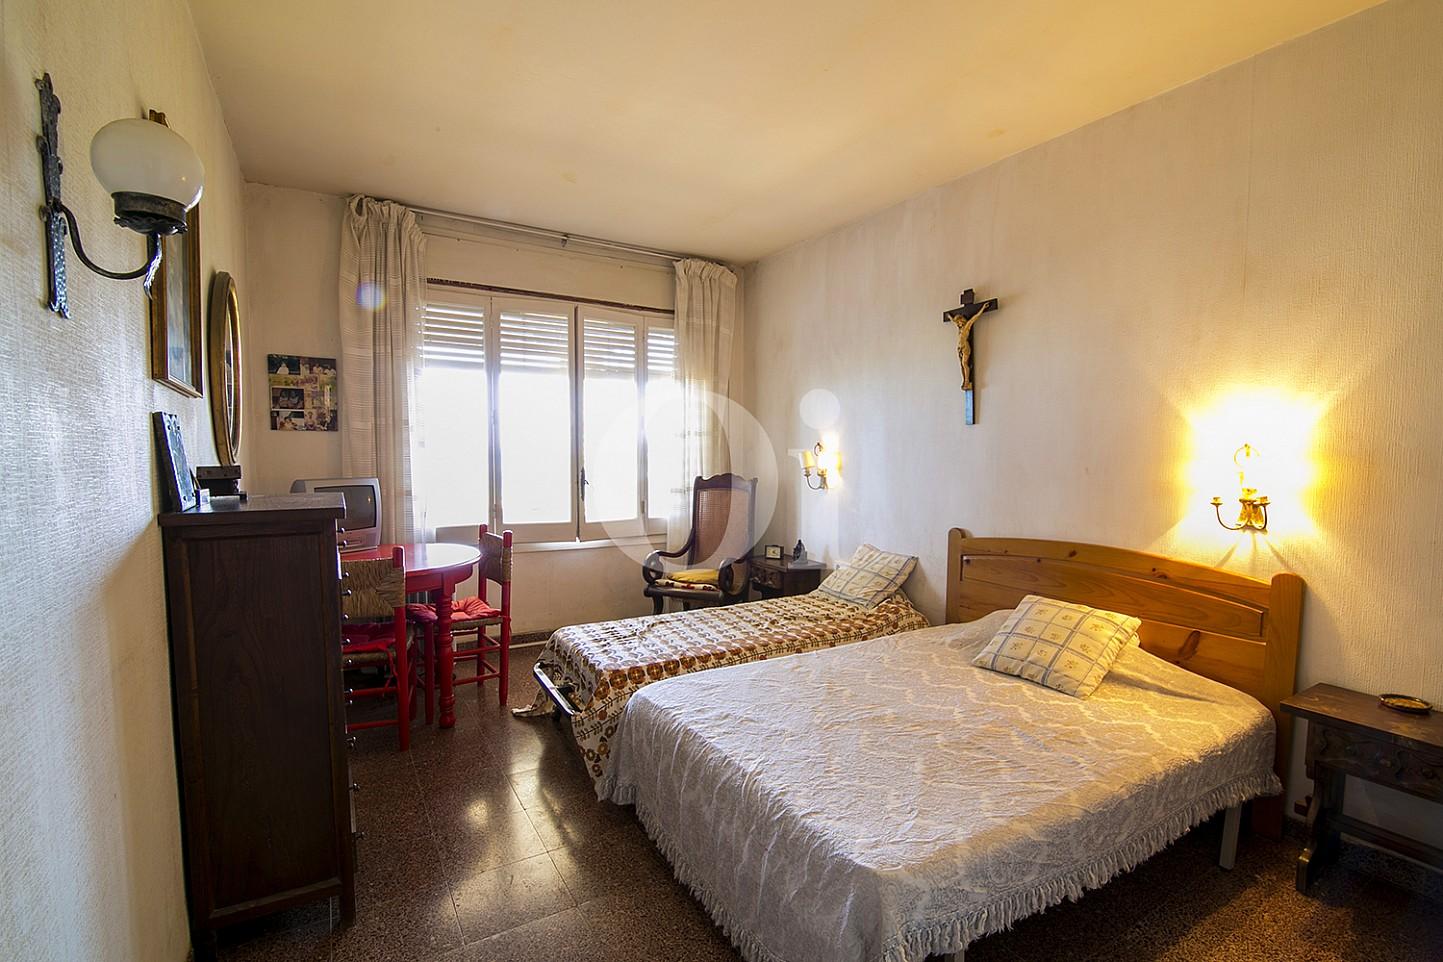 vistas de luminosa habitación doble con cama matrimonial y vistas exteriores en piso en venta situado en Caldetas